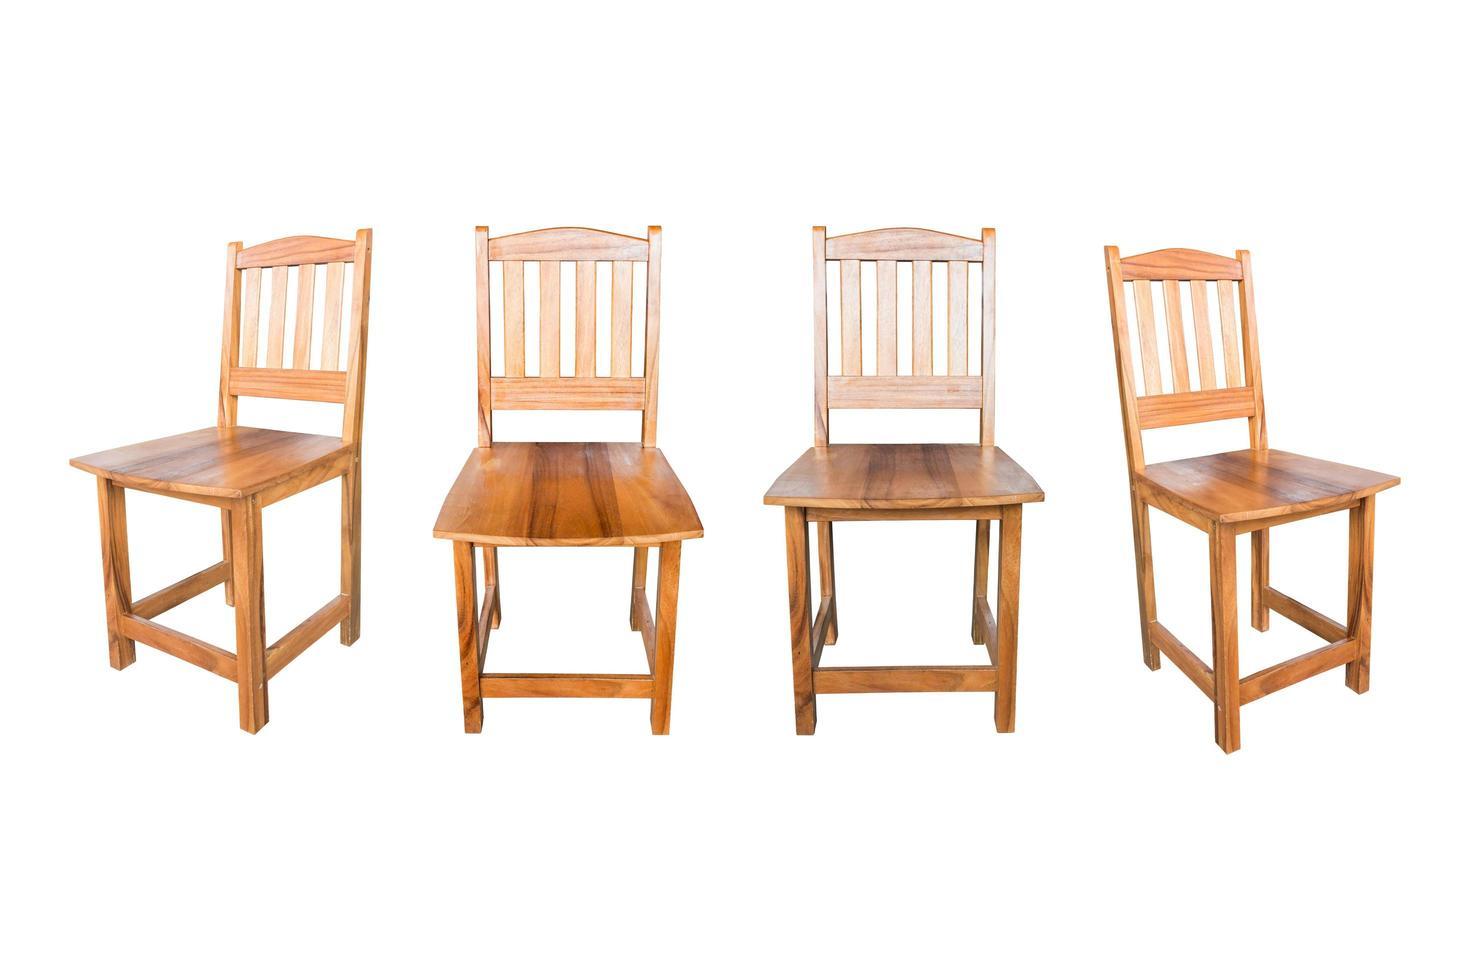 houten stoel geïsoleerd op een witte achtergrond foto